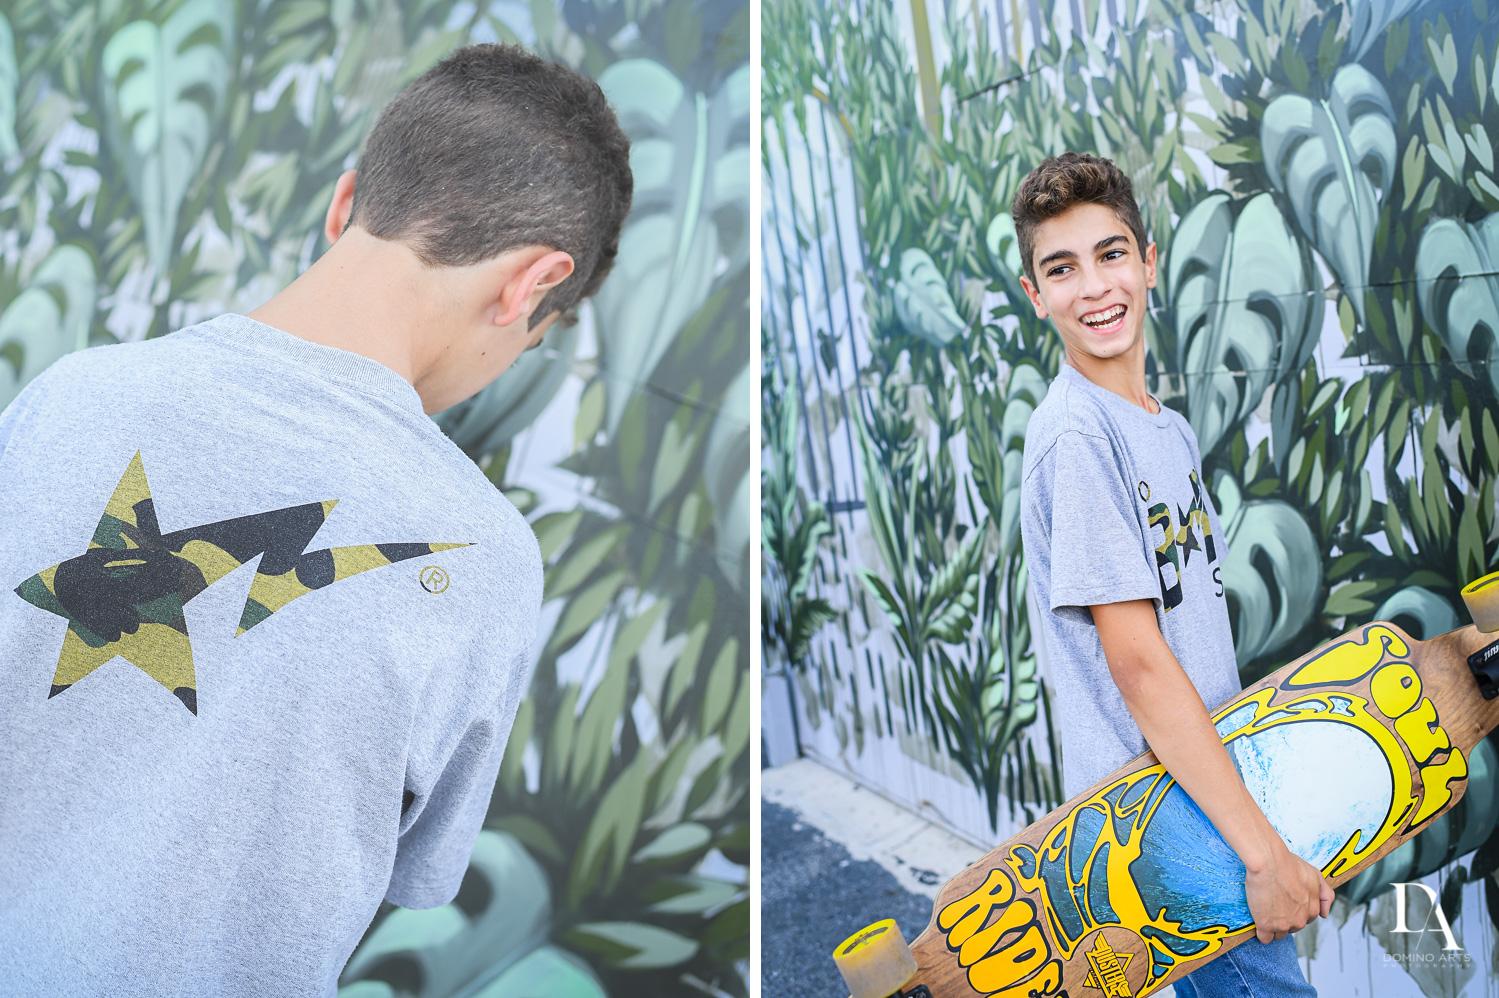 Graffiti Walls Bar Mitzvah Photography at Wynwood Walls by Domino Arts Photography